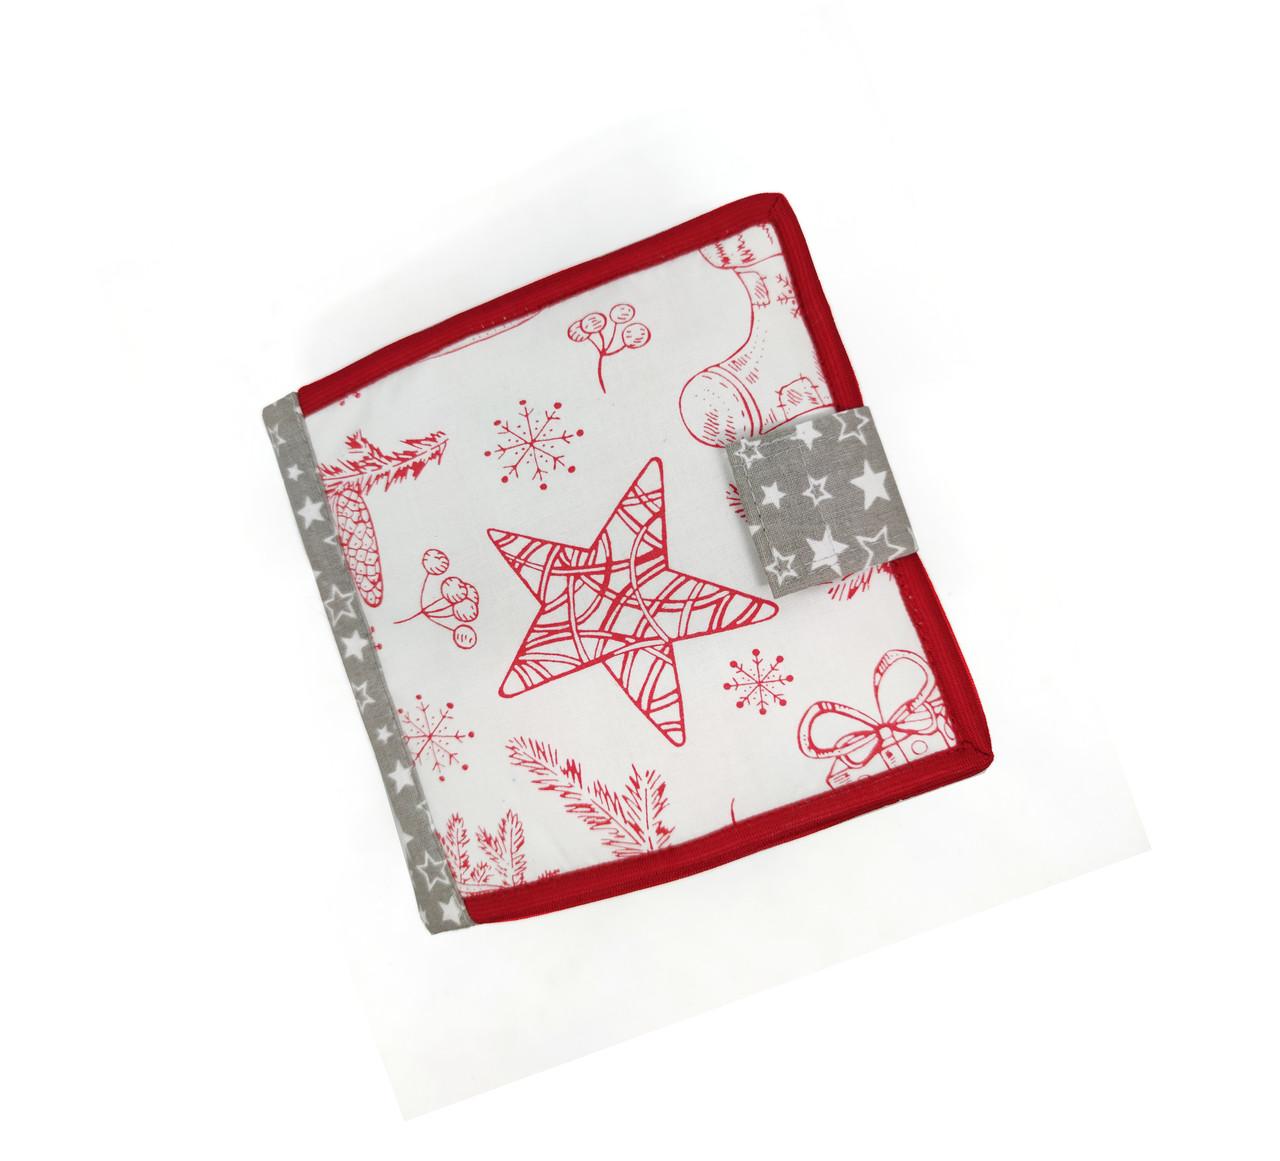 Новогодняя книжка из фетра для самых маленьких, 10 страниц/ Christmas book